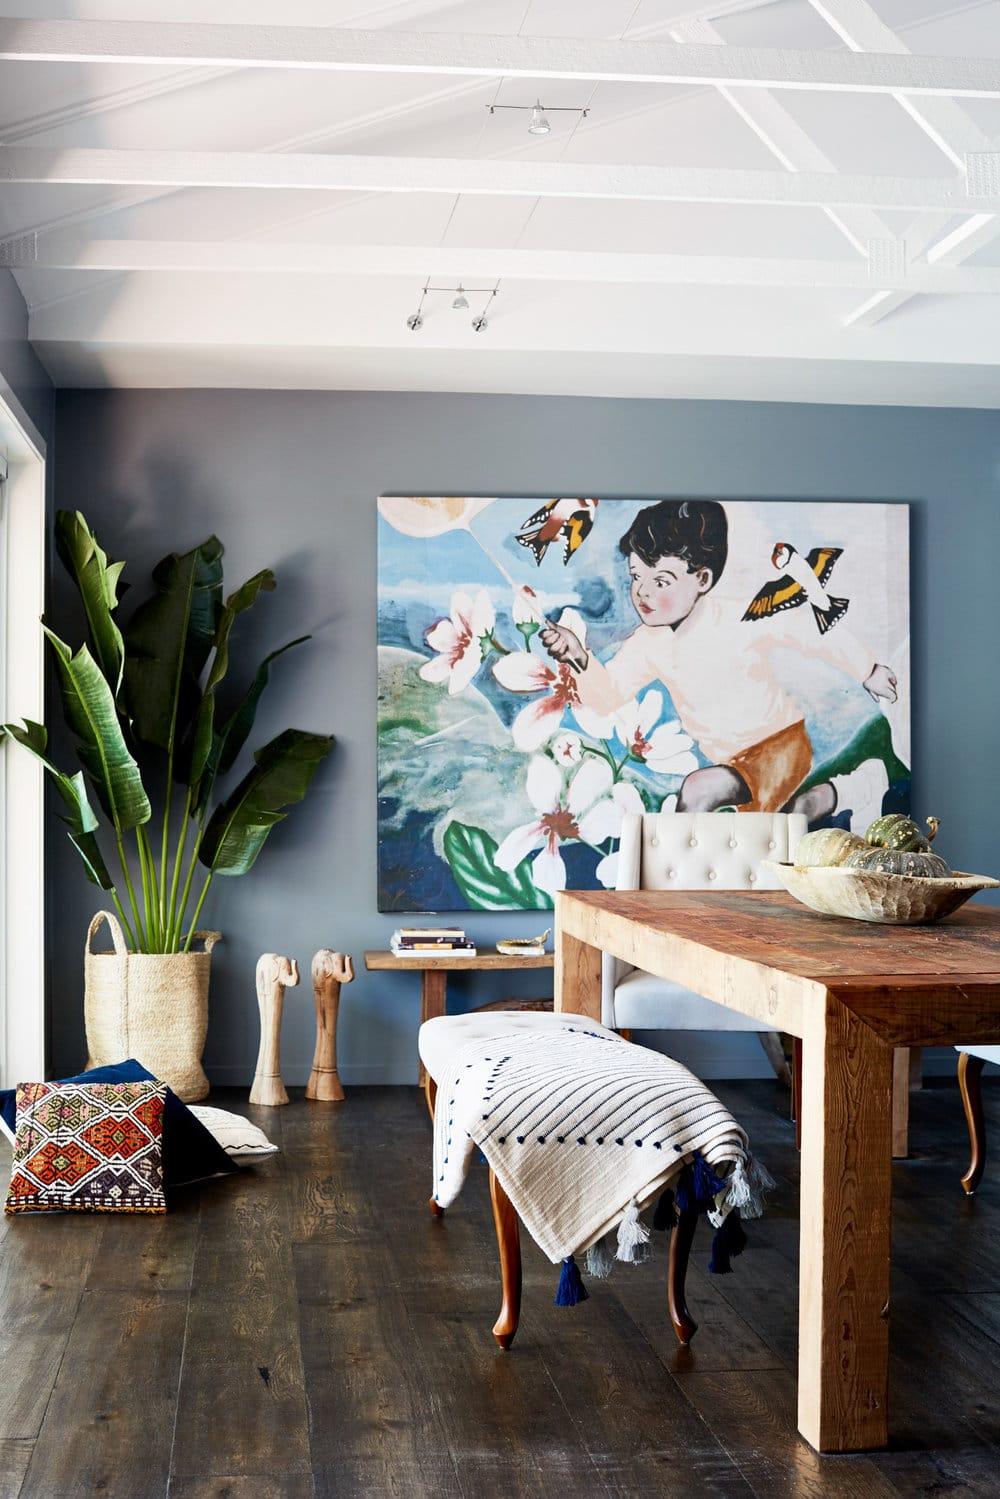 LEMONBE_Una casa con colores intensos y ricas texturas_02